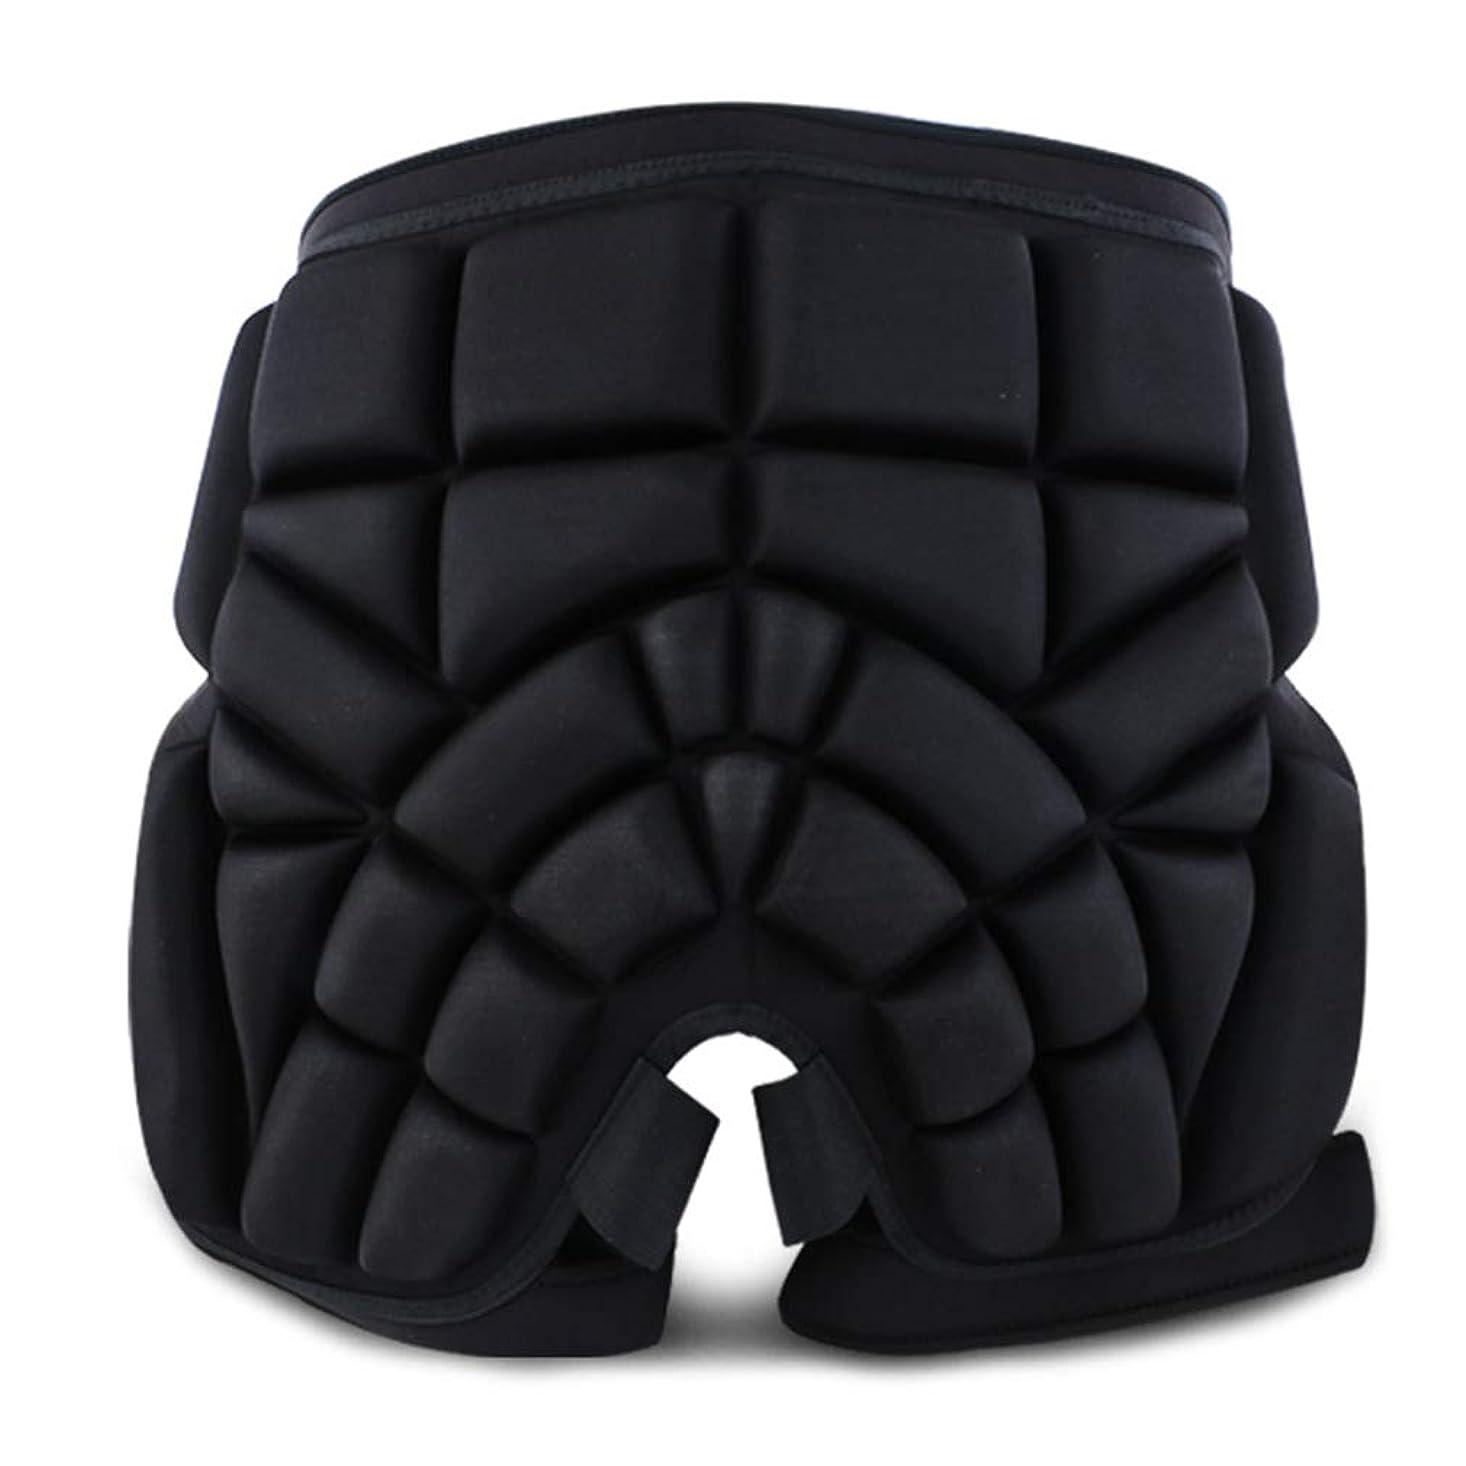 ネーピア提出するエイリアンプロテクター 保護ギア 股関節 子 ローラー スケートボード スケート スポーツの 屋外 インパクトショーツ アダルト 装置